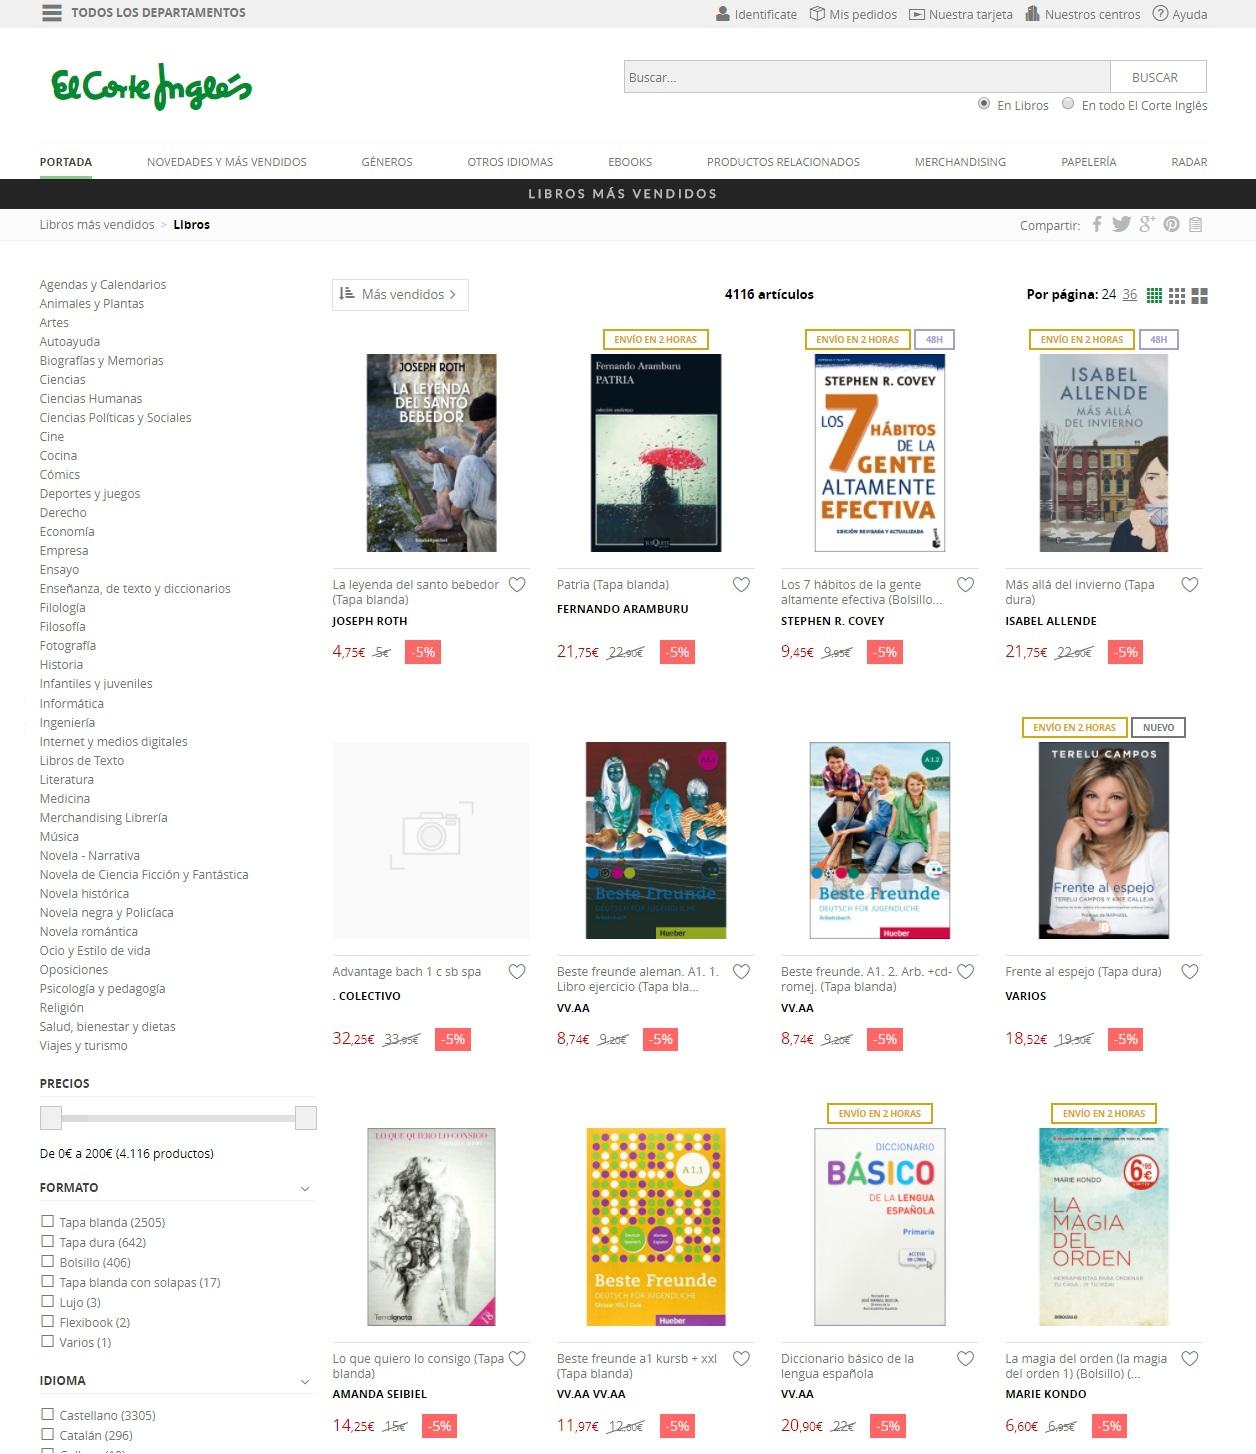 Publicar-un-libro-editar-Madrid - Barcelona -España-Cataluña-Catalunya-català-Andalucia-coedicion-autoedicion-tradicional-manuscrito-lo-que-quiero-lo-consigo-amanda-seibiel-el-corte-ingles-top